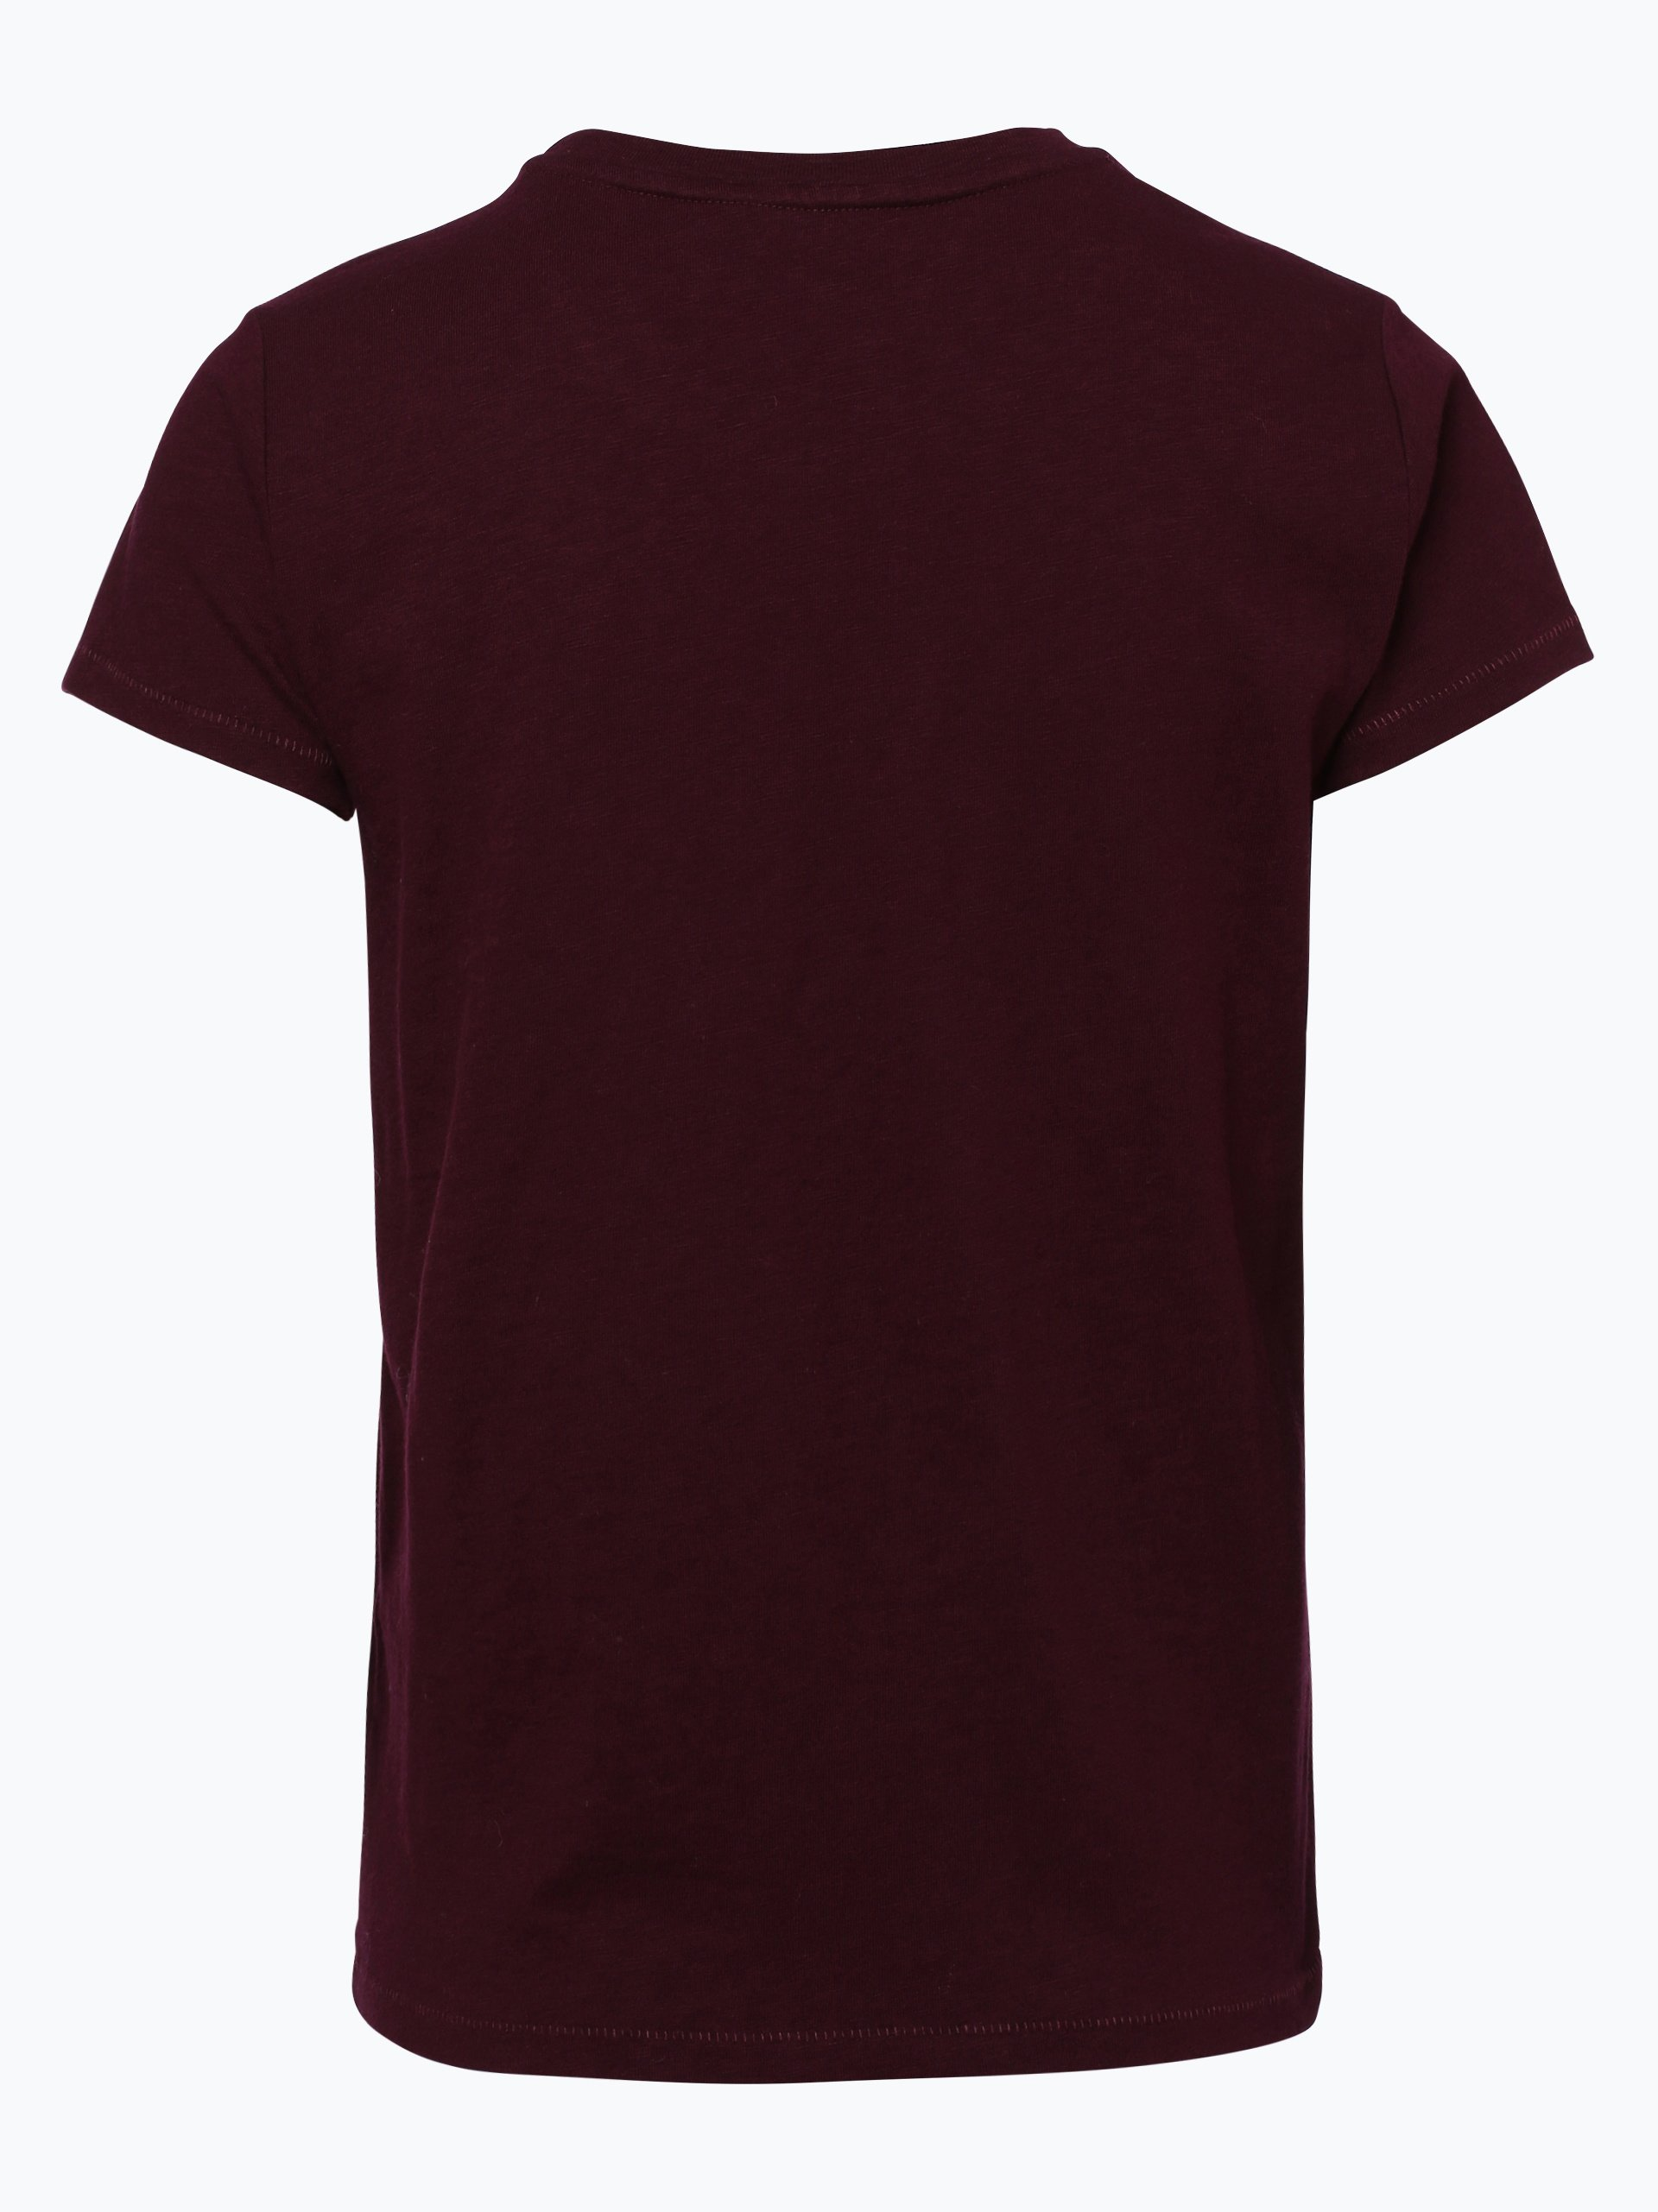 polo ralph lauren damen t shirt bordeaux gemustert online